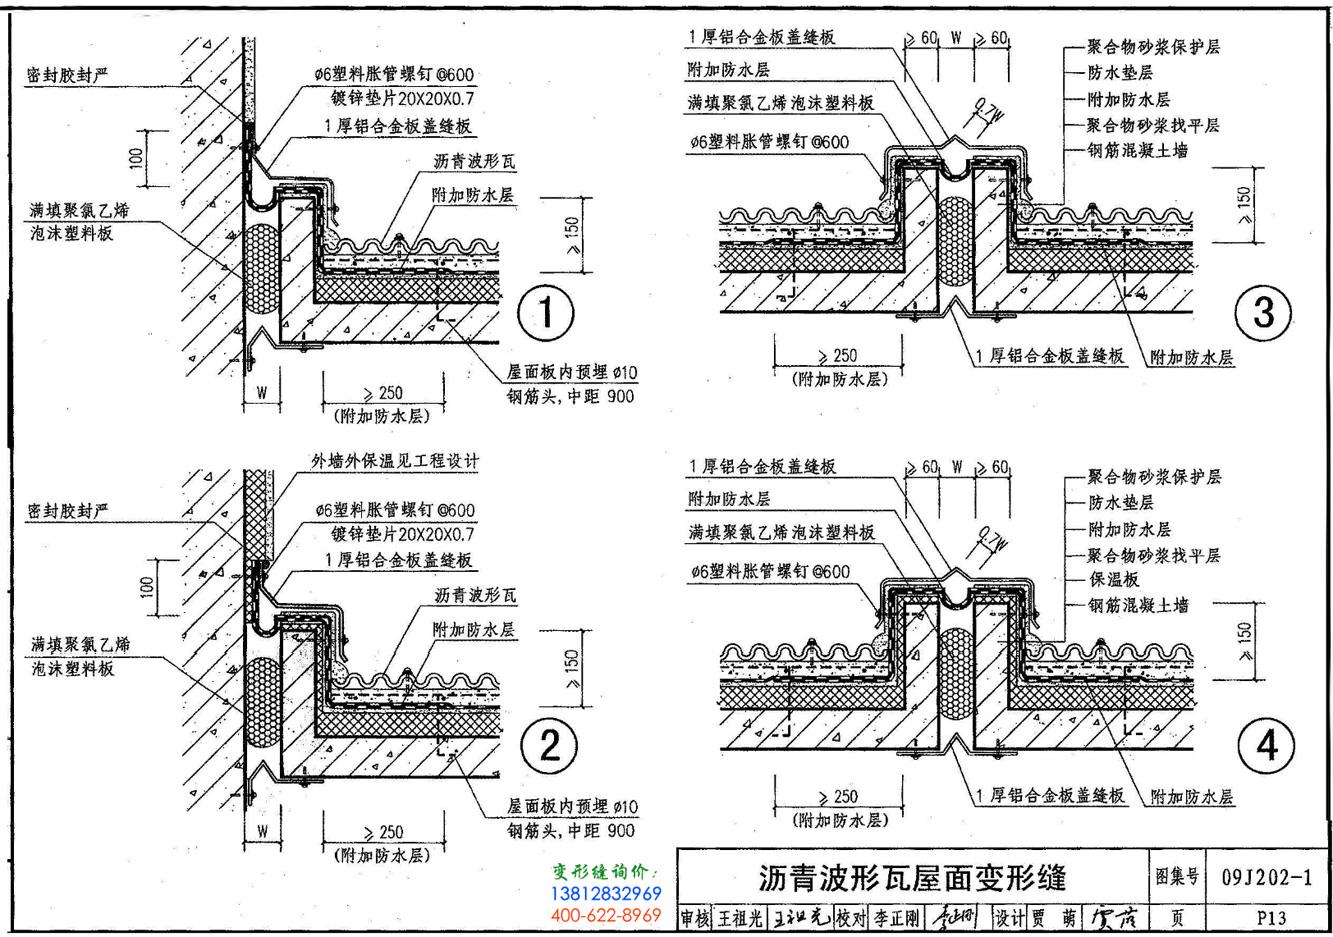 09J202-1图集P13页